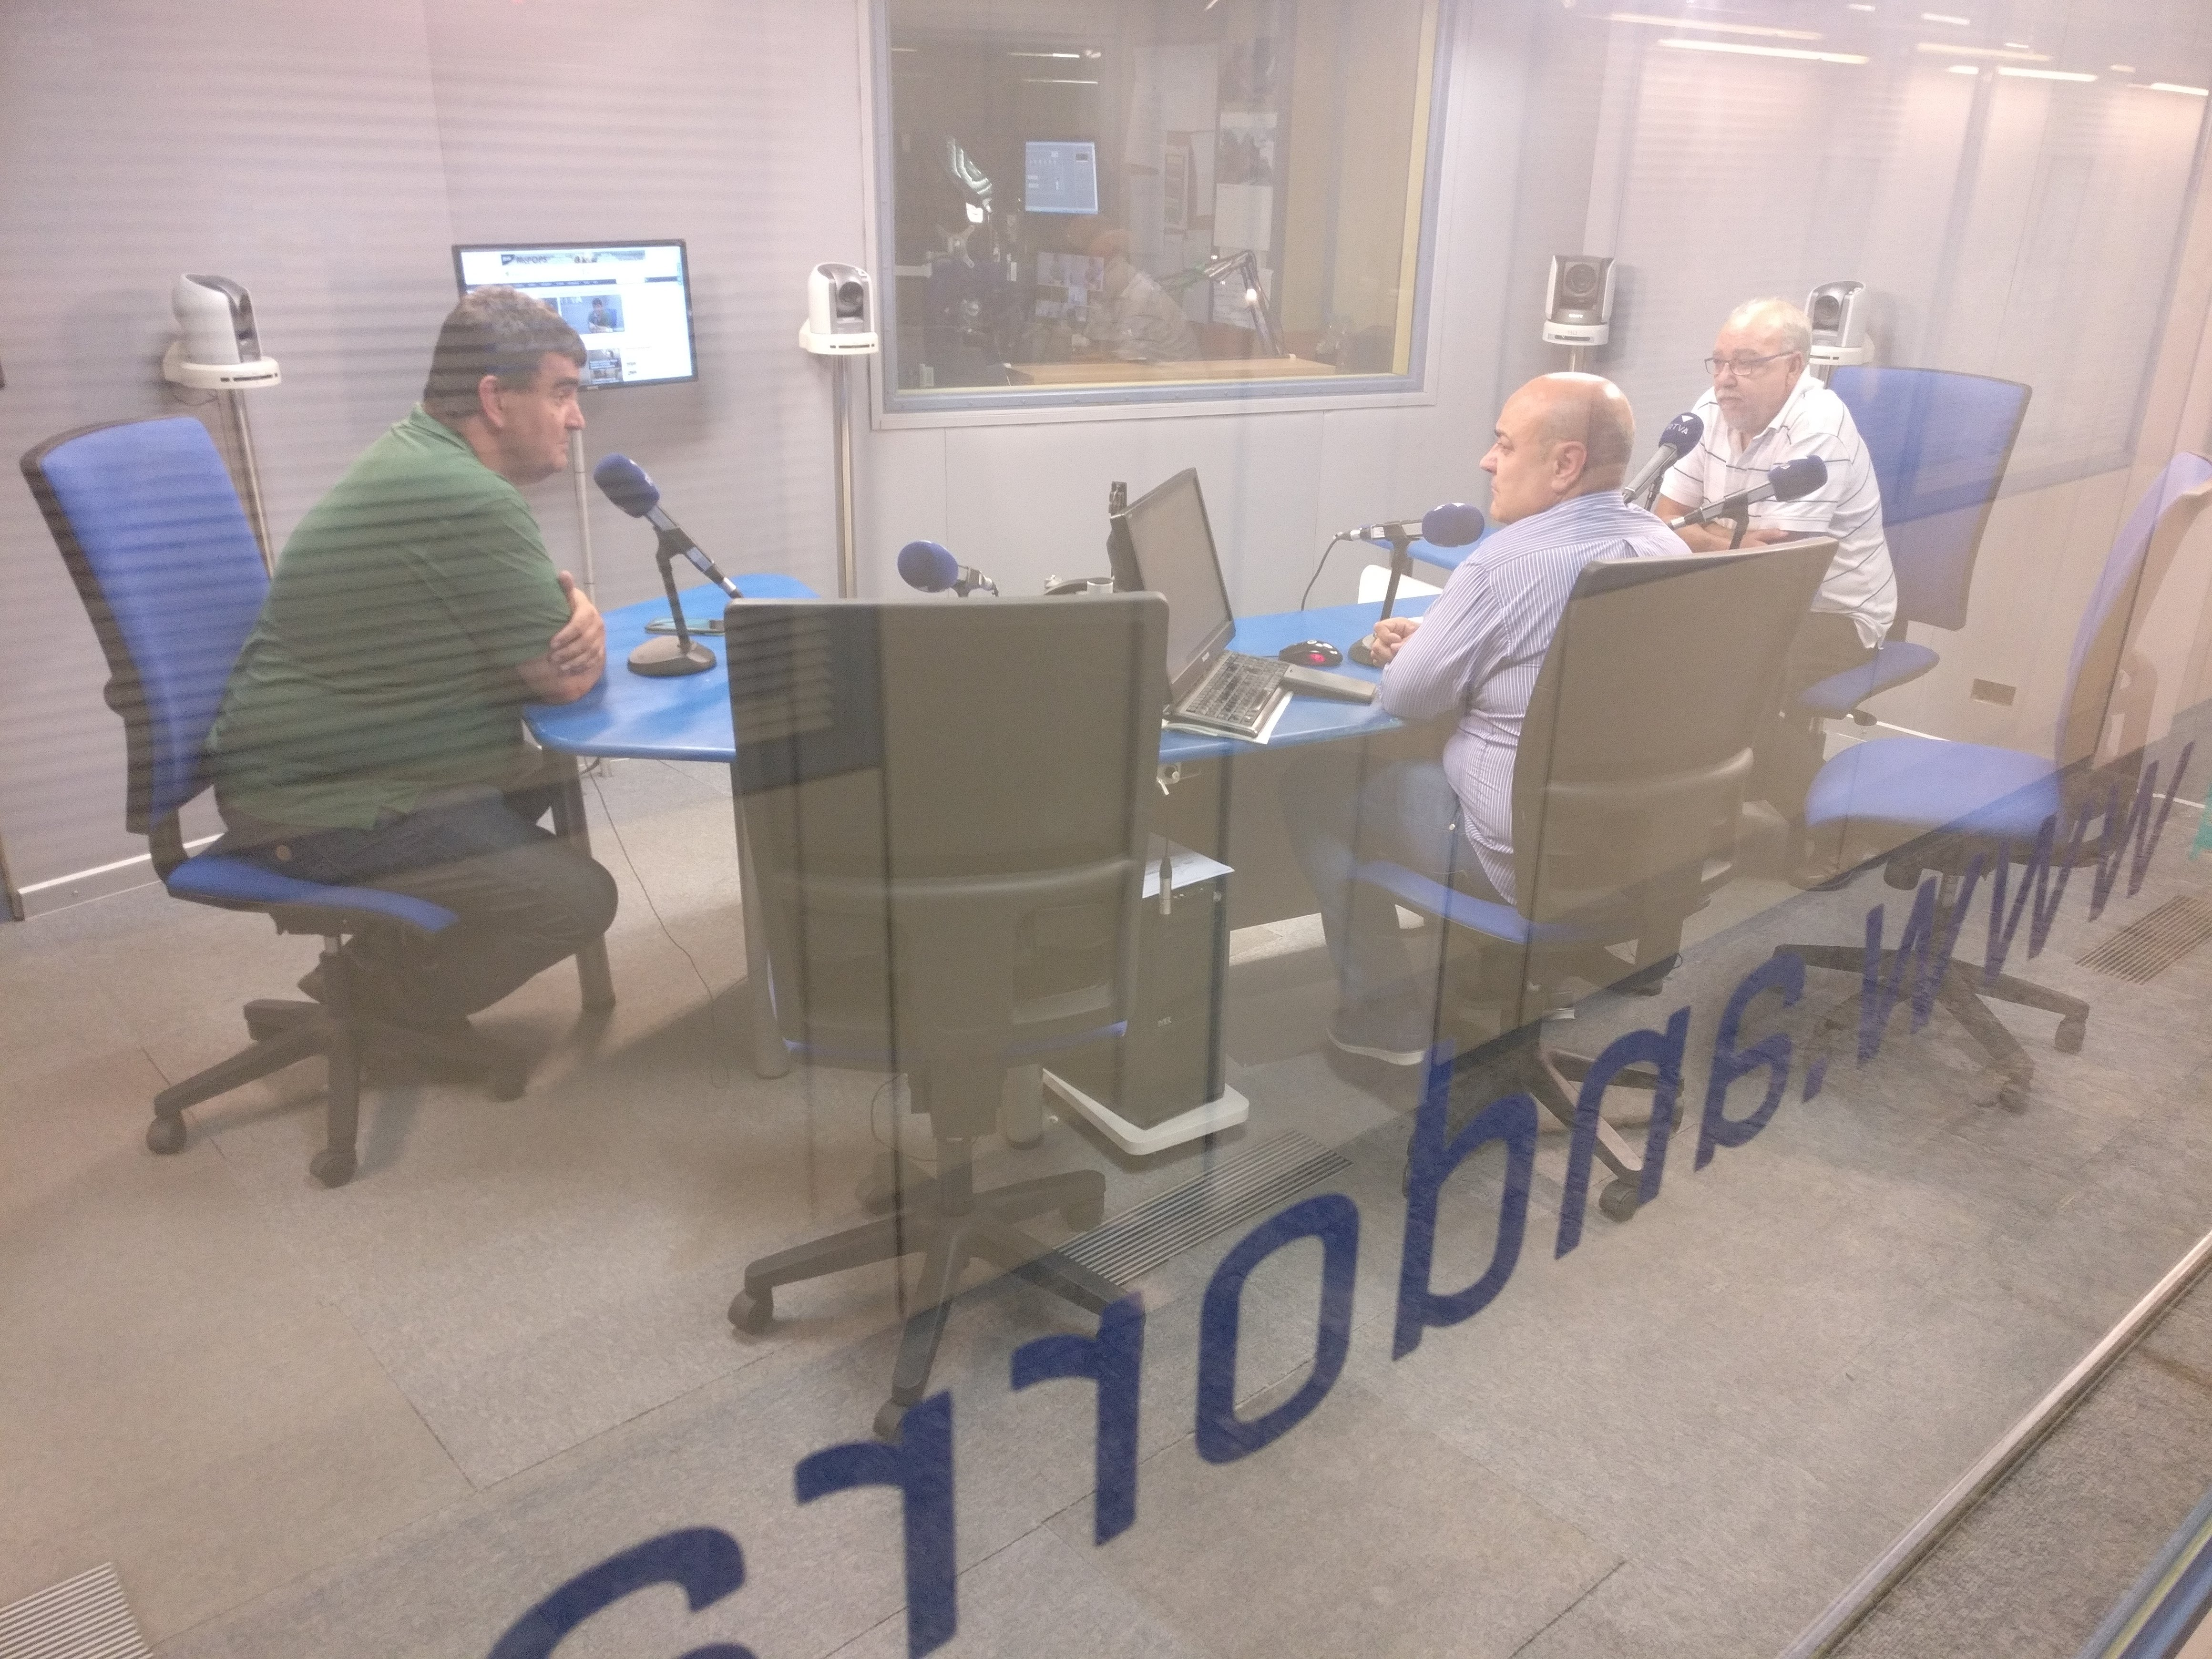 Tertúlia amb Francesc Rechi i Jordi Botey 21 de setembre del 2018